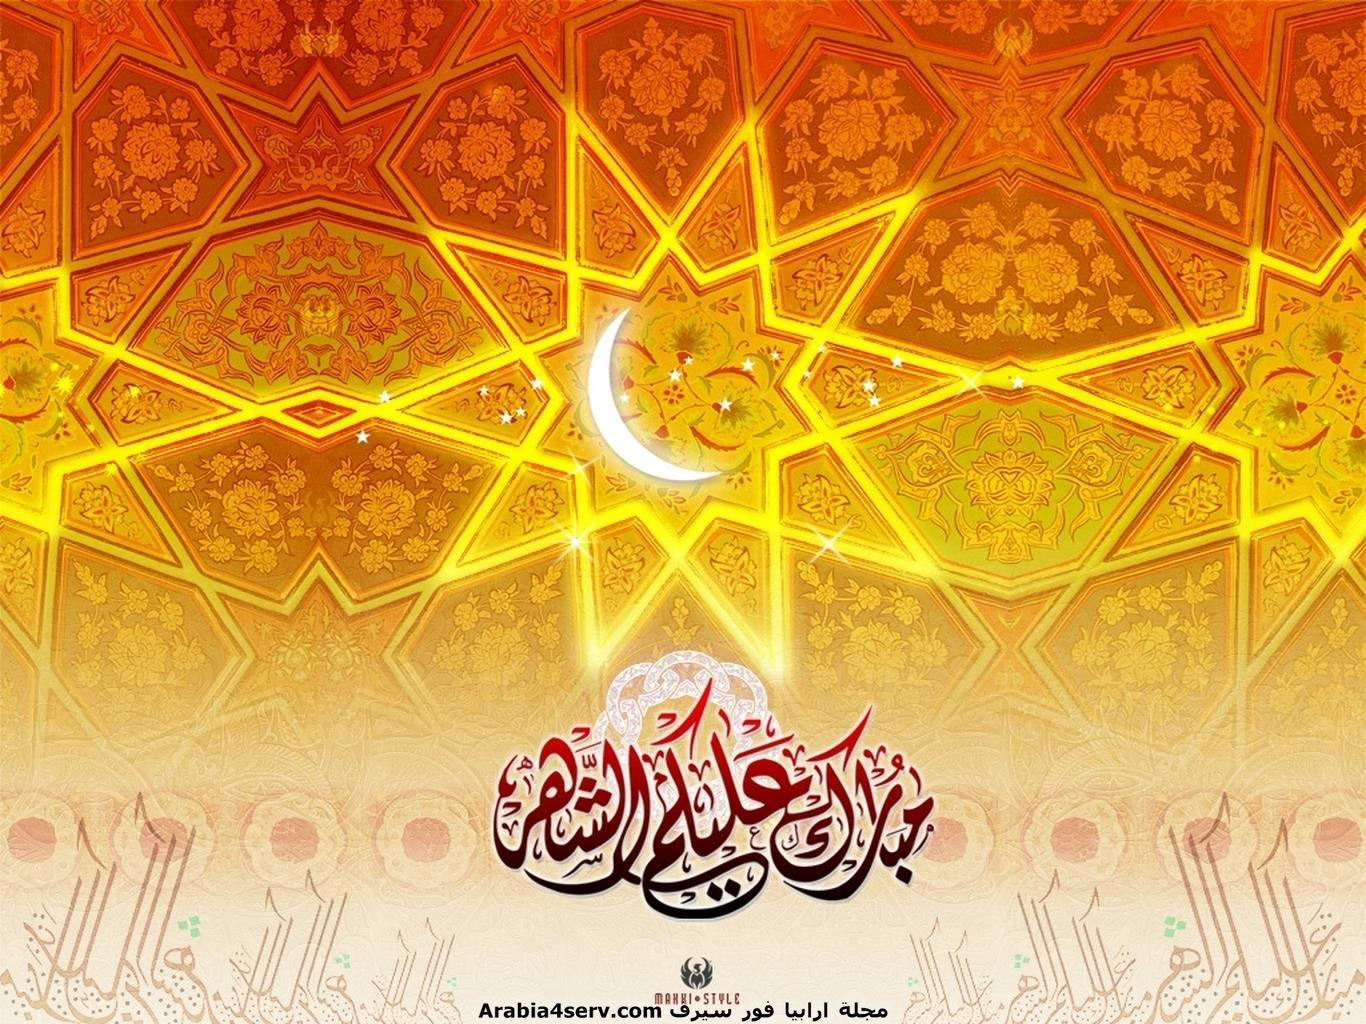 خلفيات-شهر-رمضان-الكريم-1